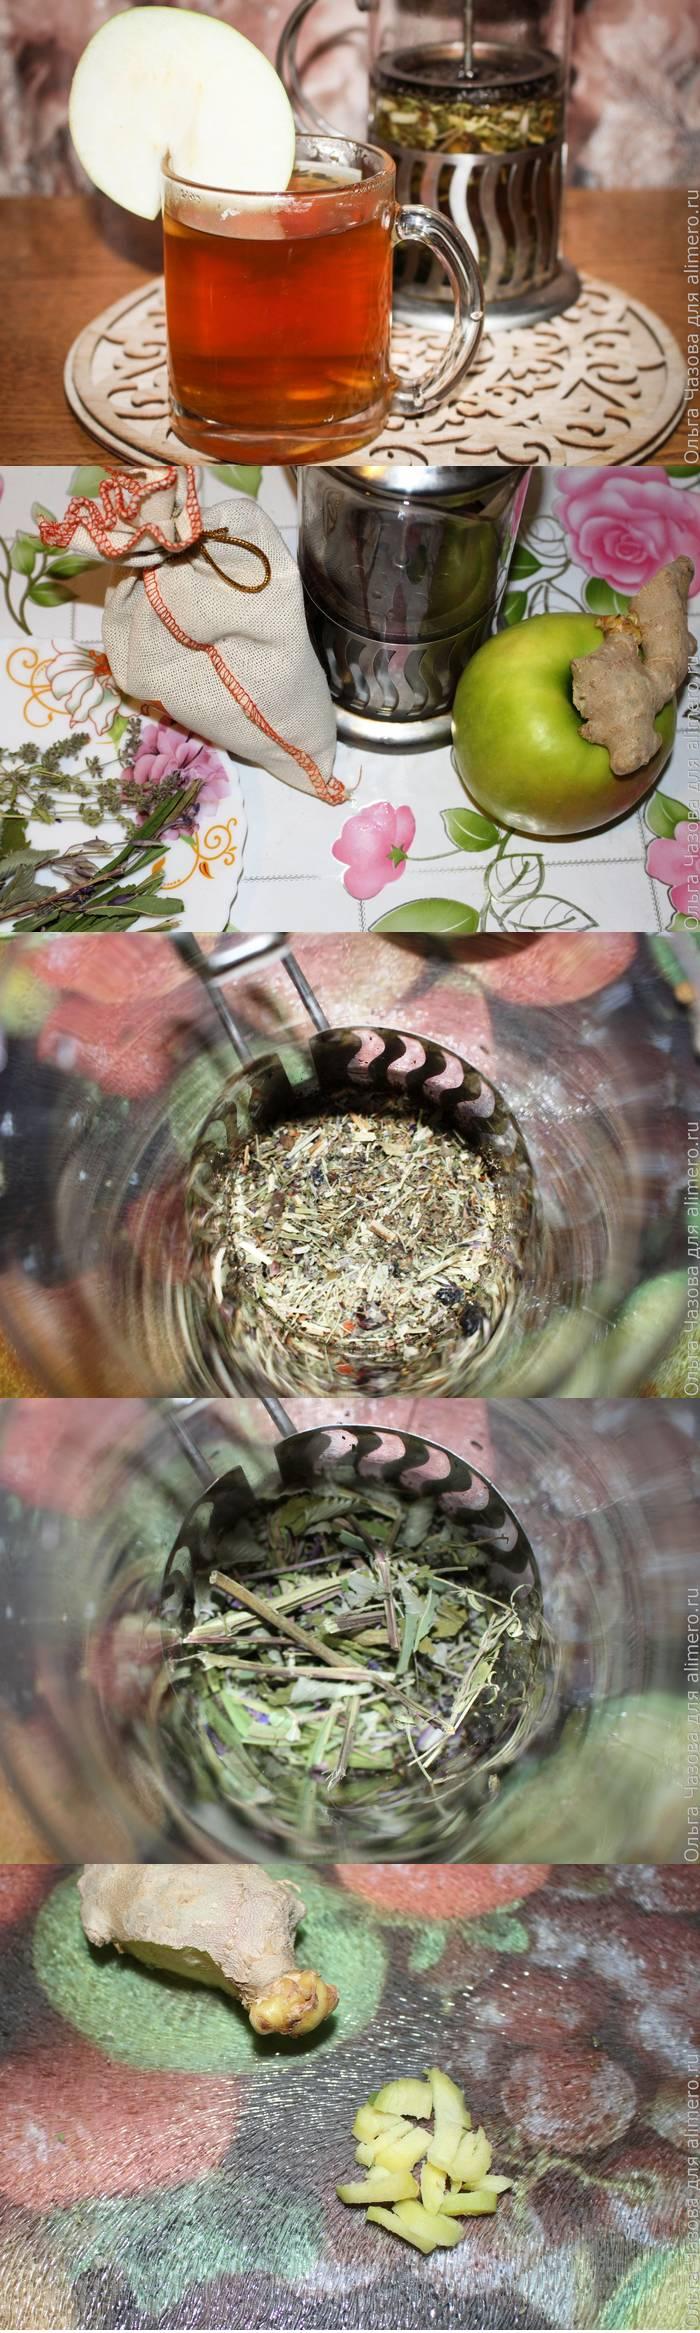 Имбирный чай с травами от простуды